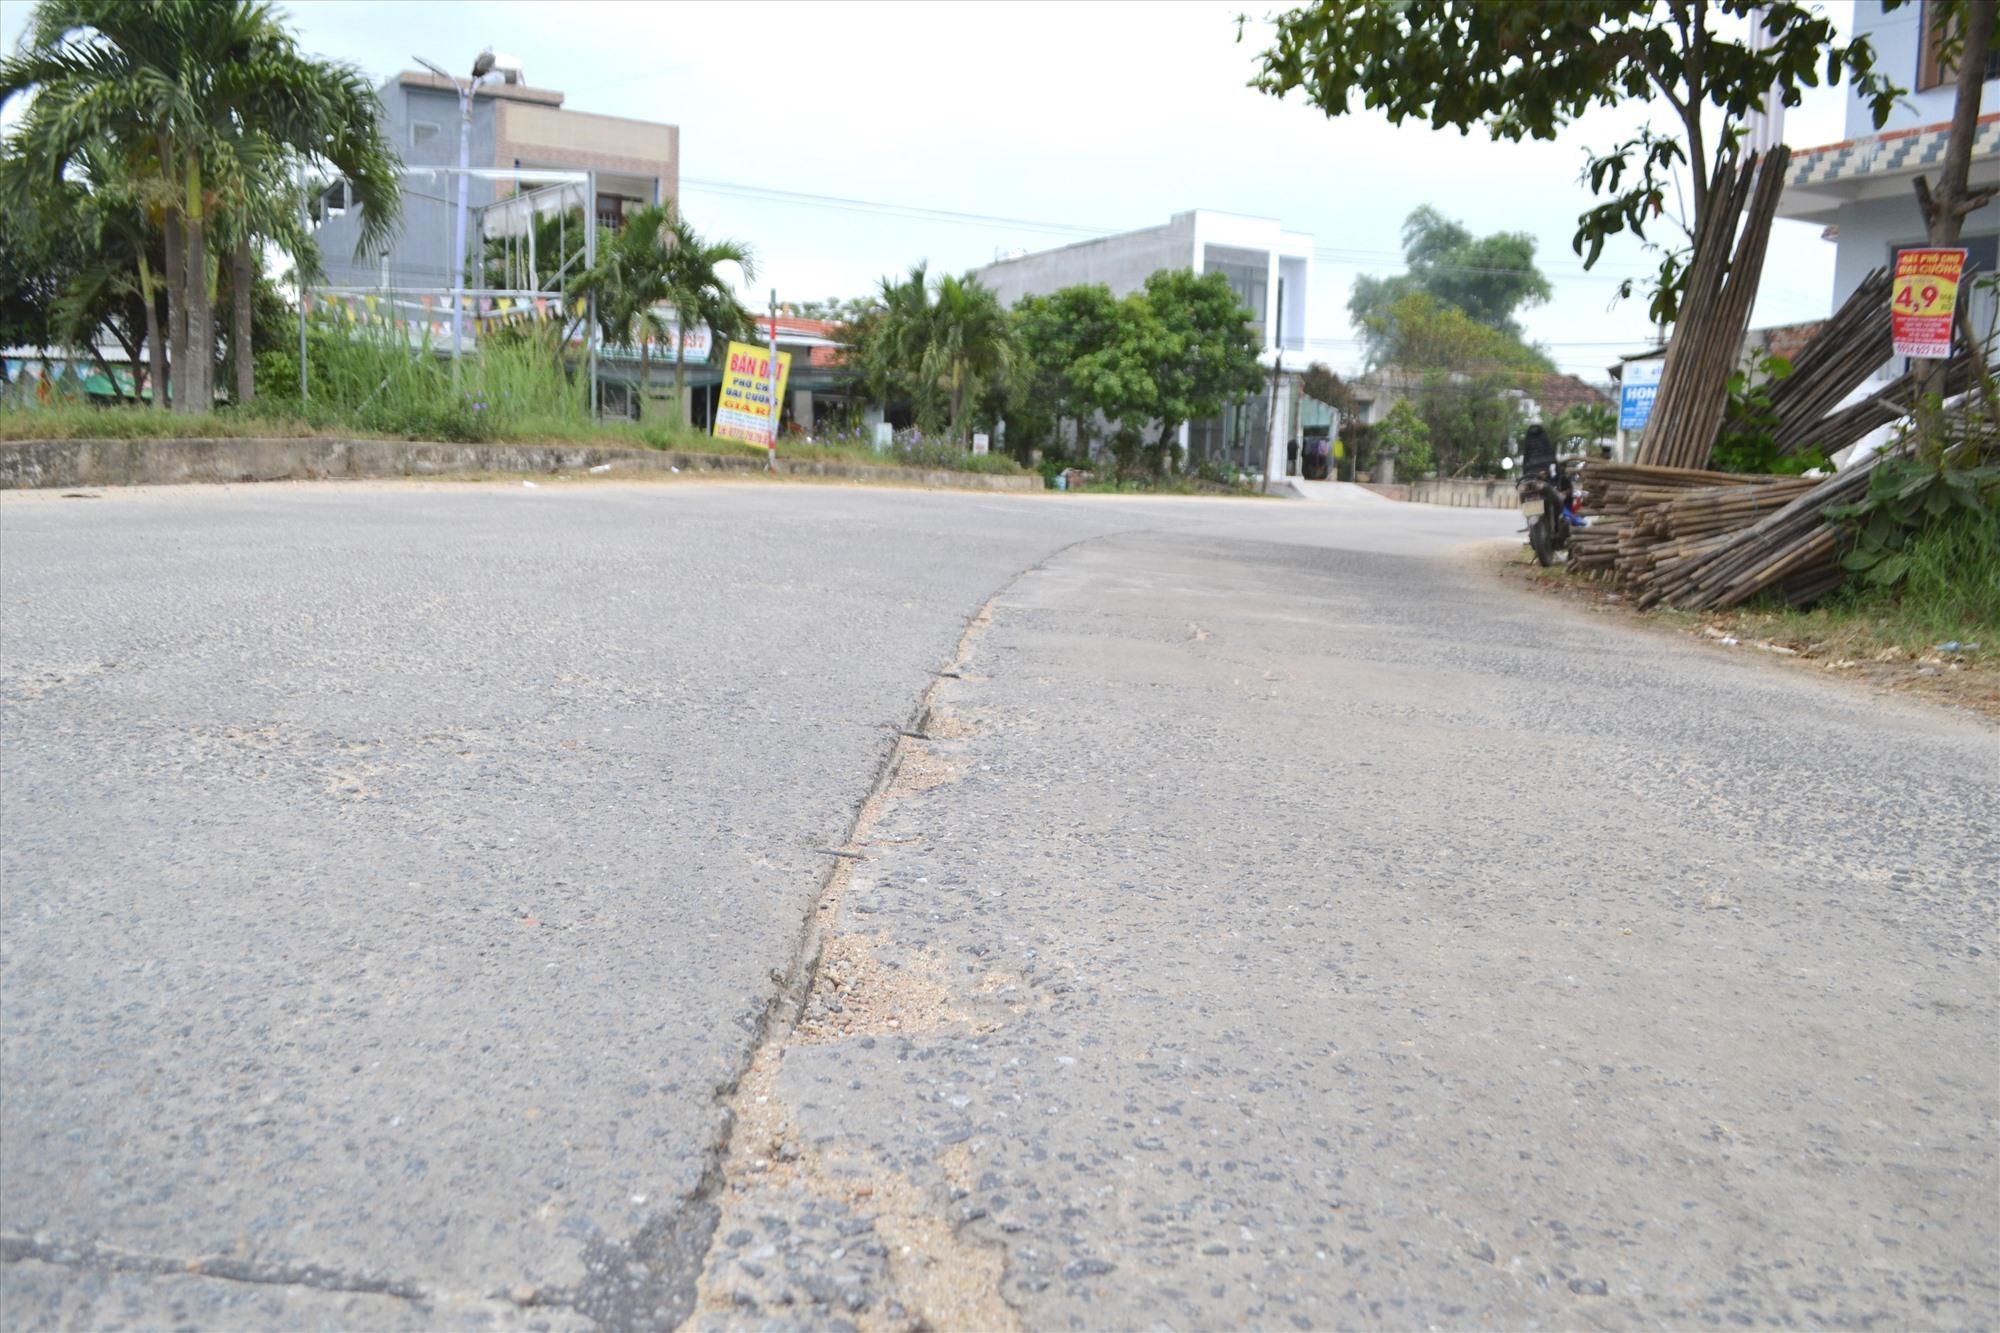 Đoạn qua trước Trường Mầm non Đại An đến cầu Quảng Huế nhiều vị trí xuống cấp. Ảnh: CT